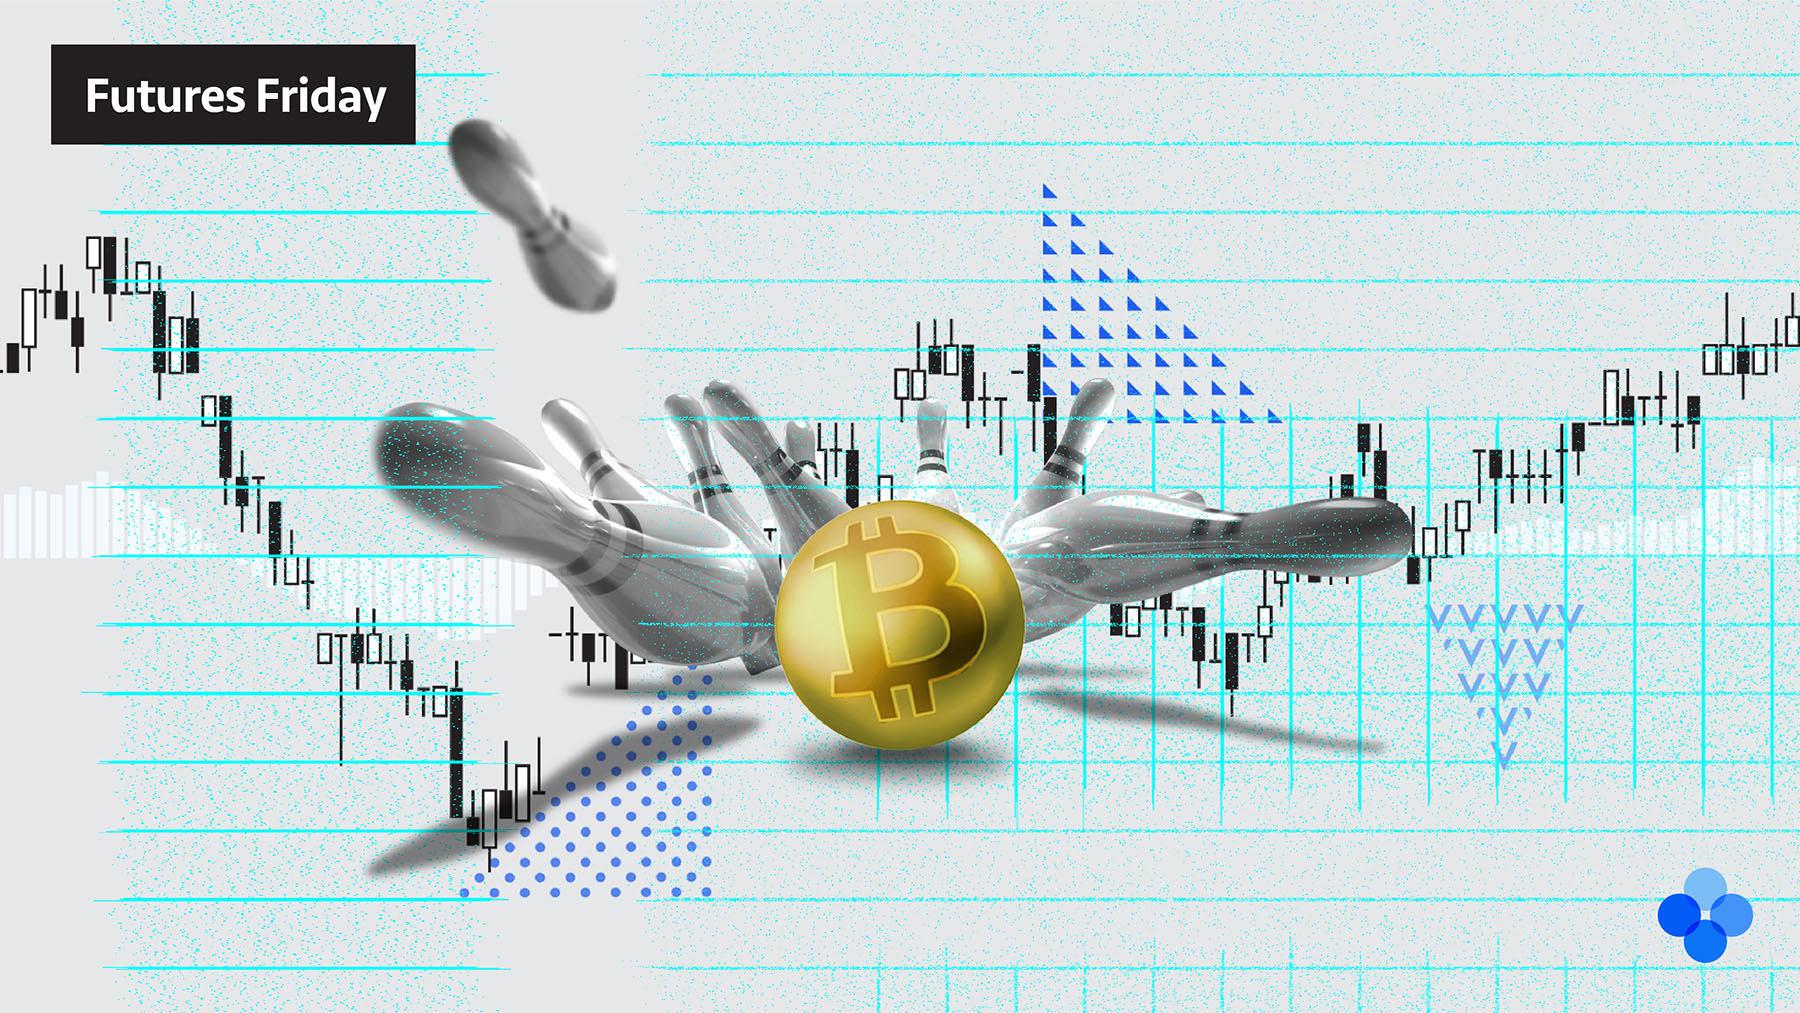 Ateities bitkoinais pradeda kada Kada ateities sandoriai pradeda prekiauti btc